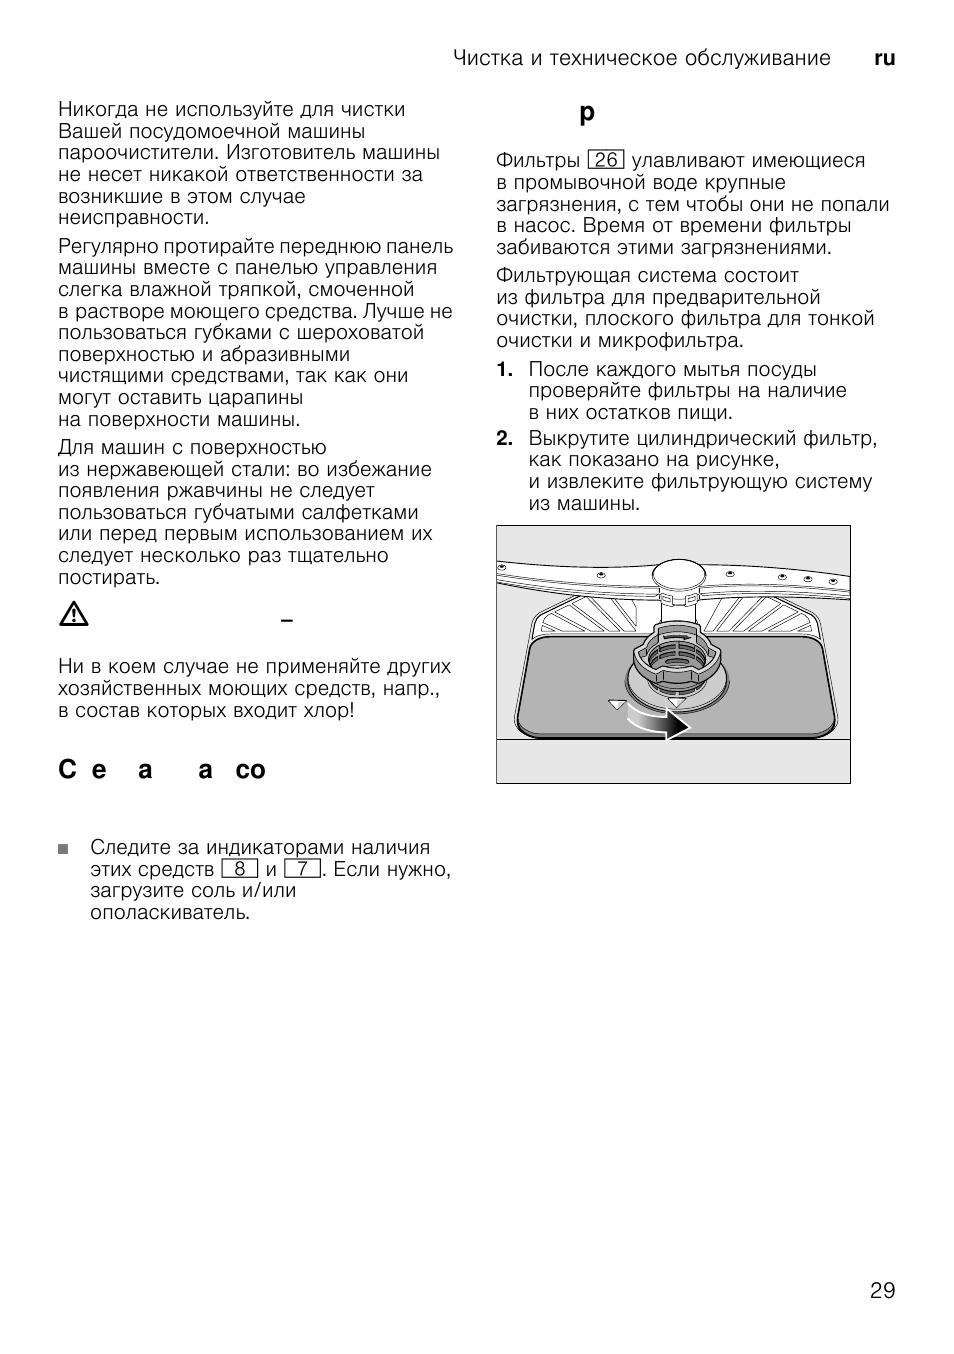 инструкция по эксплуатации посудомоечной машины bosch srv43m43ru